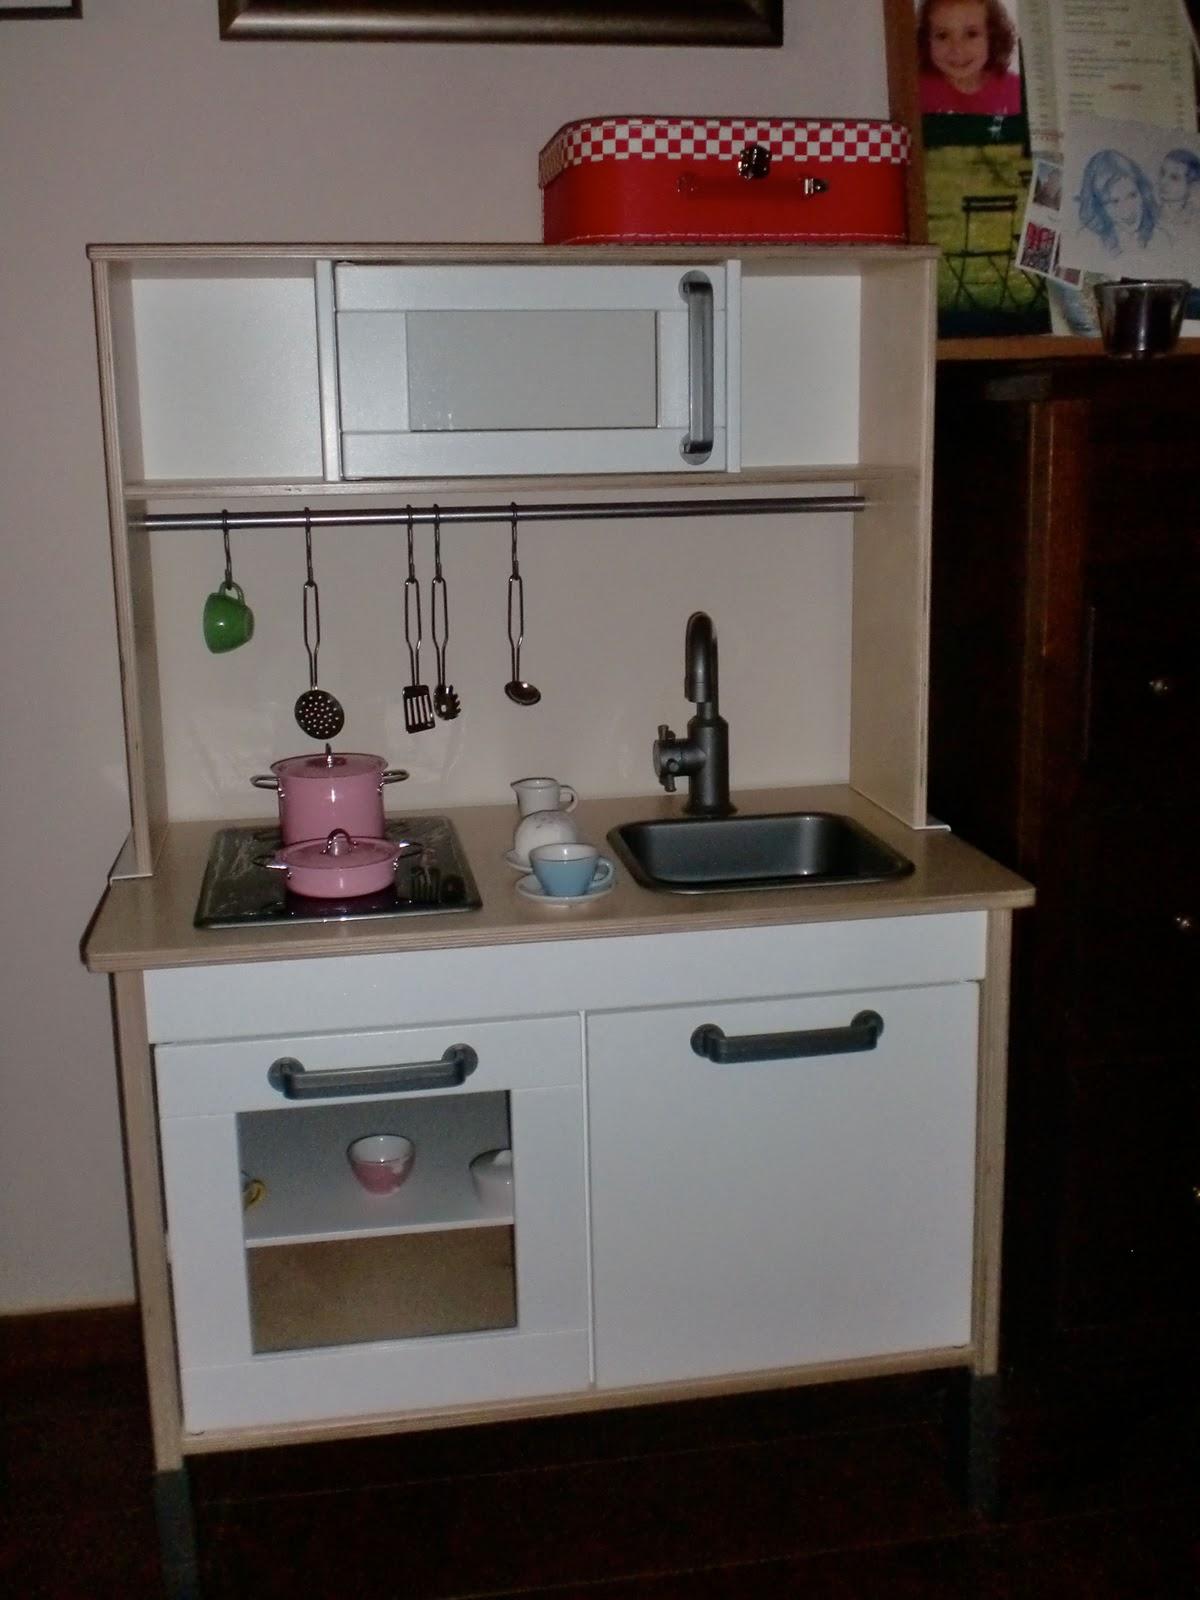 Ikea cocina especiero - Cocina nina ikea ...